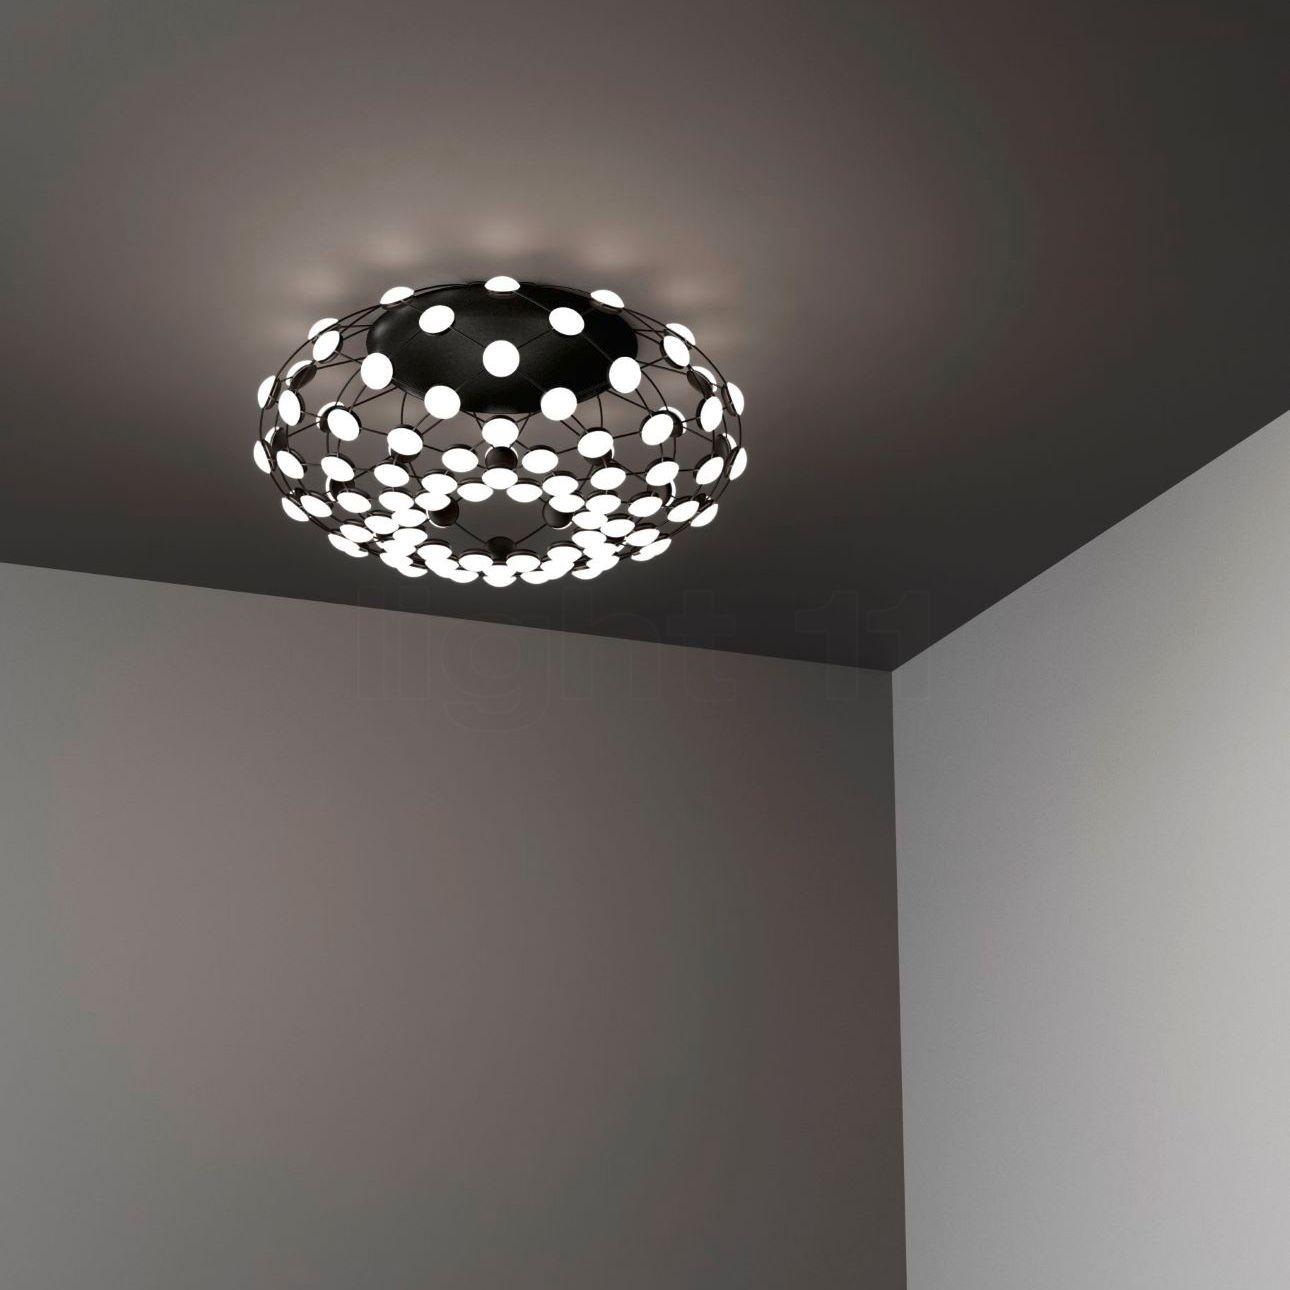 Af modish Luceplan Mesh Loftlampe LED på light11.dk LU13